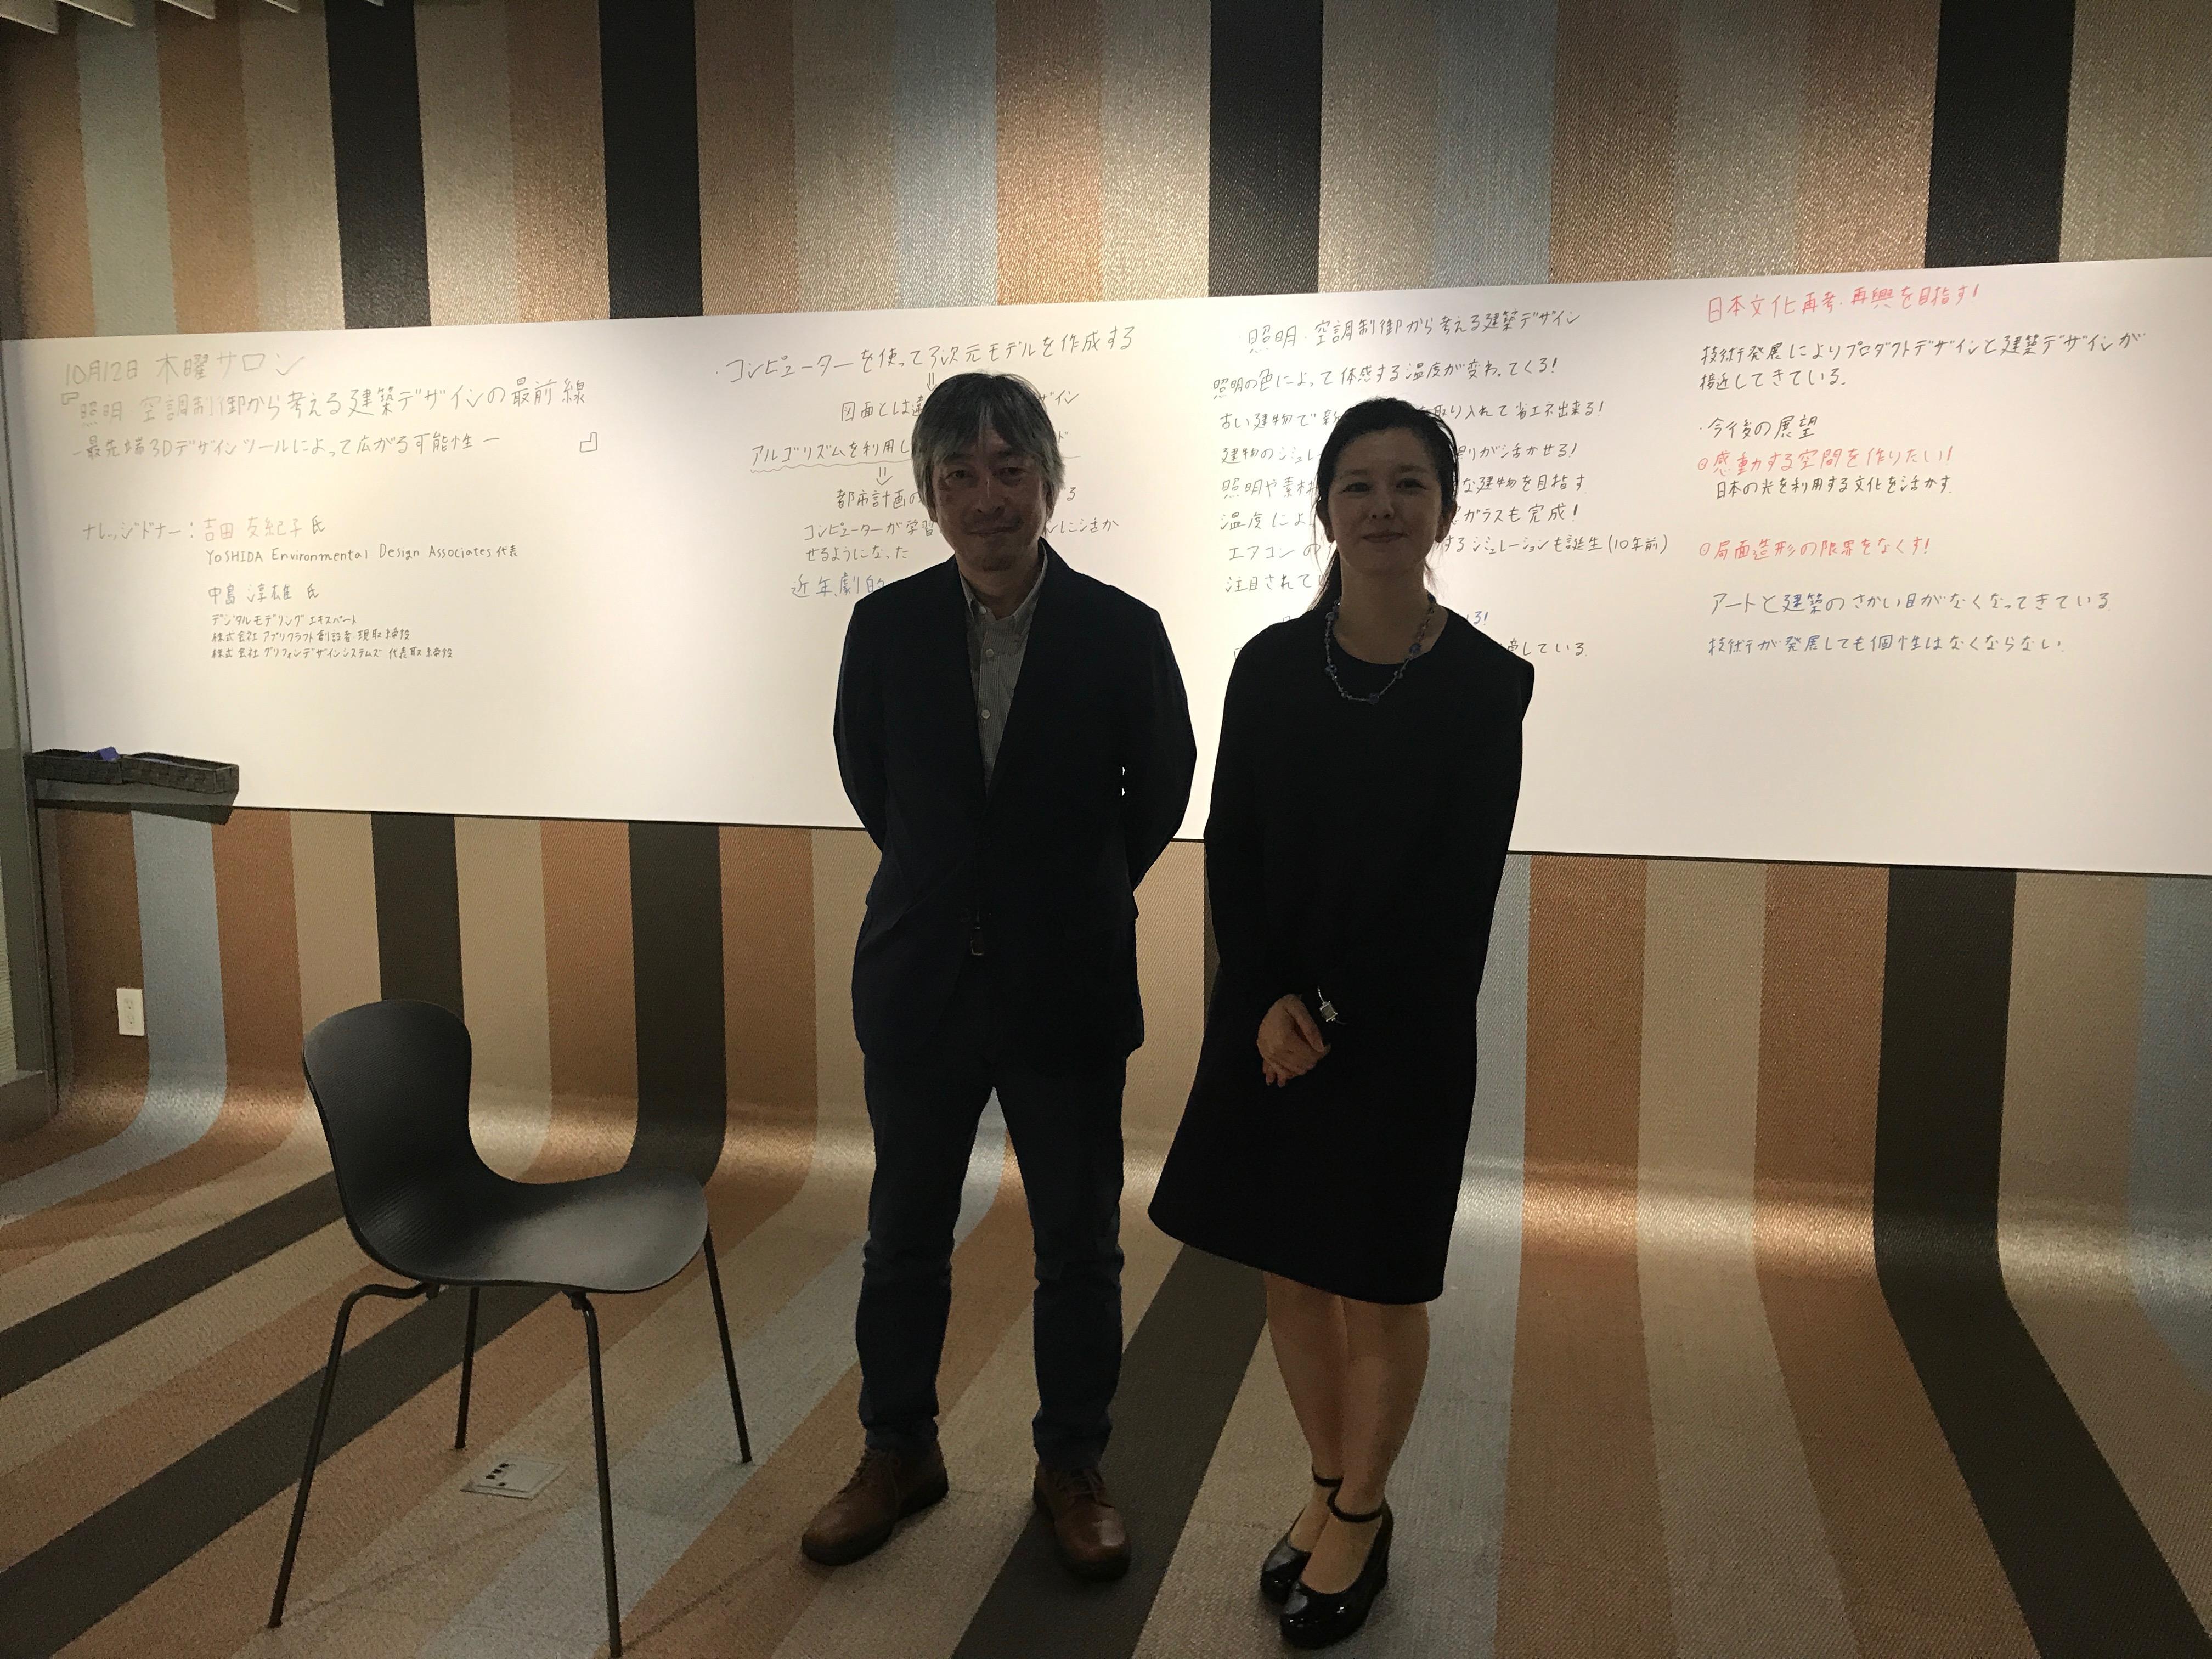 ナレッジサロン@グランフロント大阪「照明・空調制御から考える建築デザイン